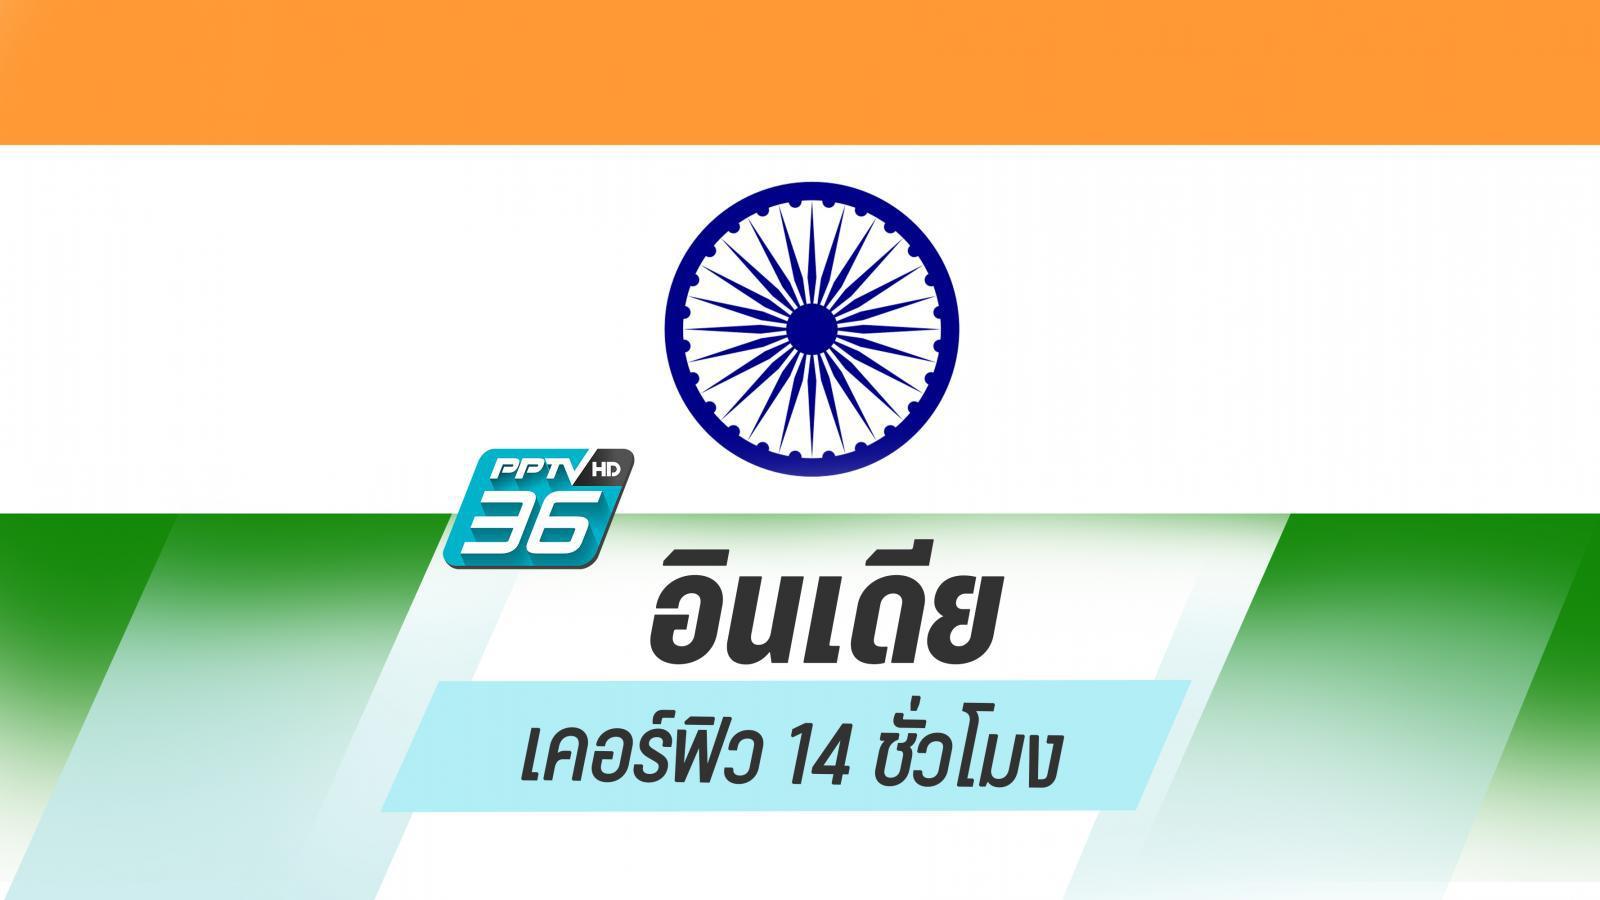 อินเดีย ประกาศ เคอร์ฟิว 14 ชั่วโมง เพื่อต่อสู้และจำกัดการแพร่ระบาดโควิด-19